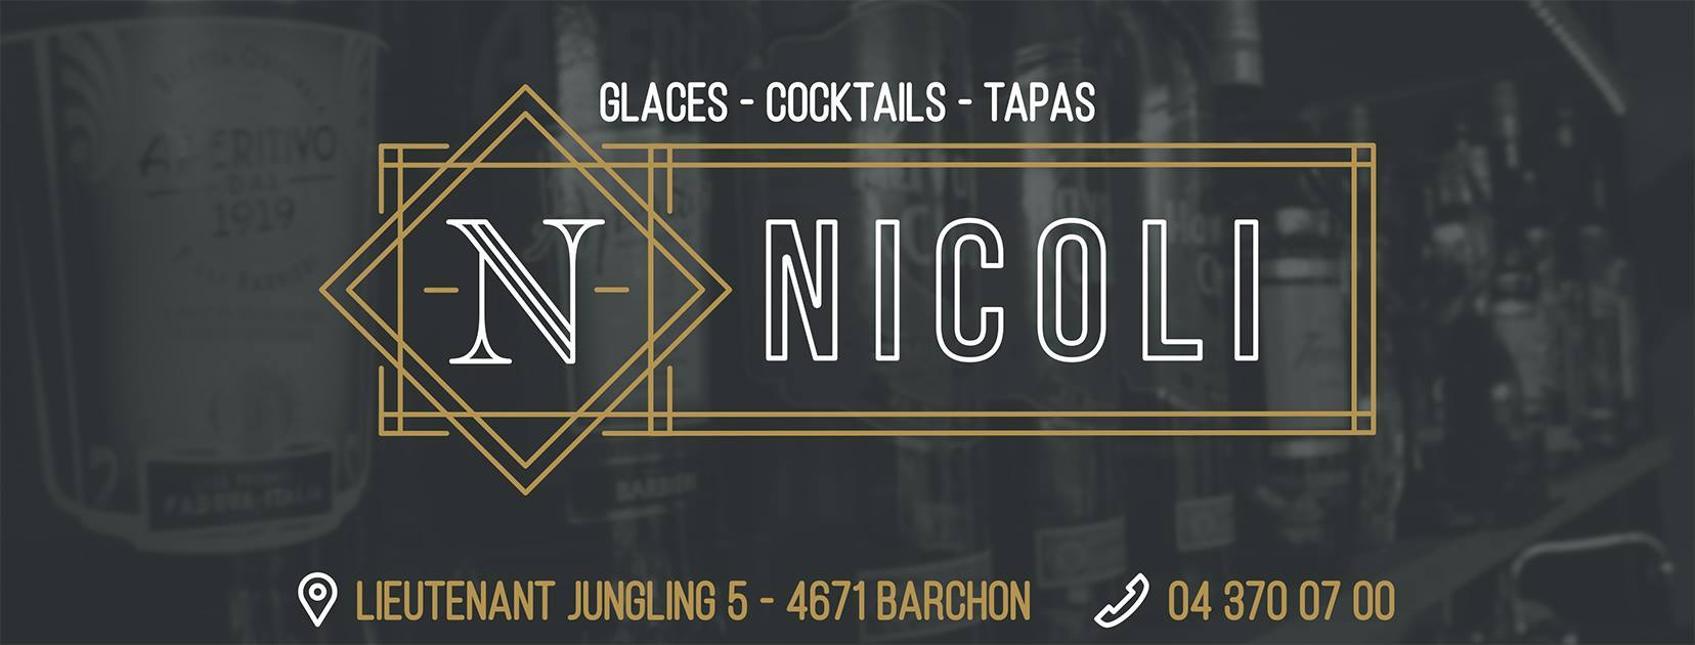 Nicoli_Barchon_Logo complet